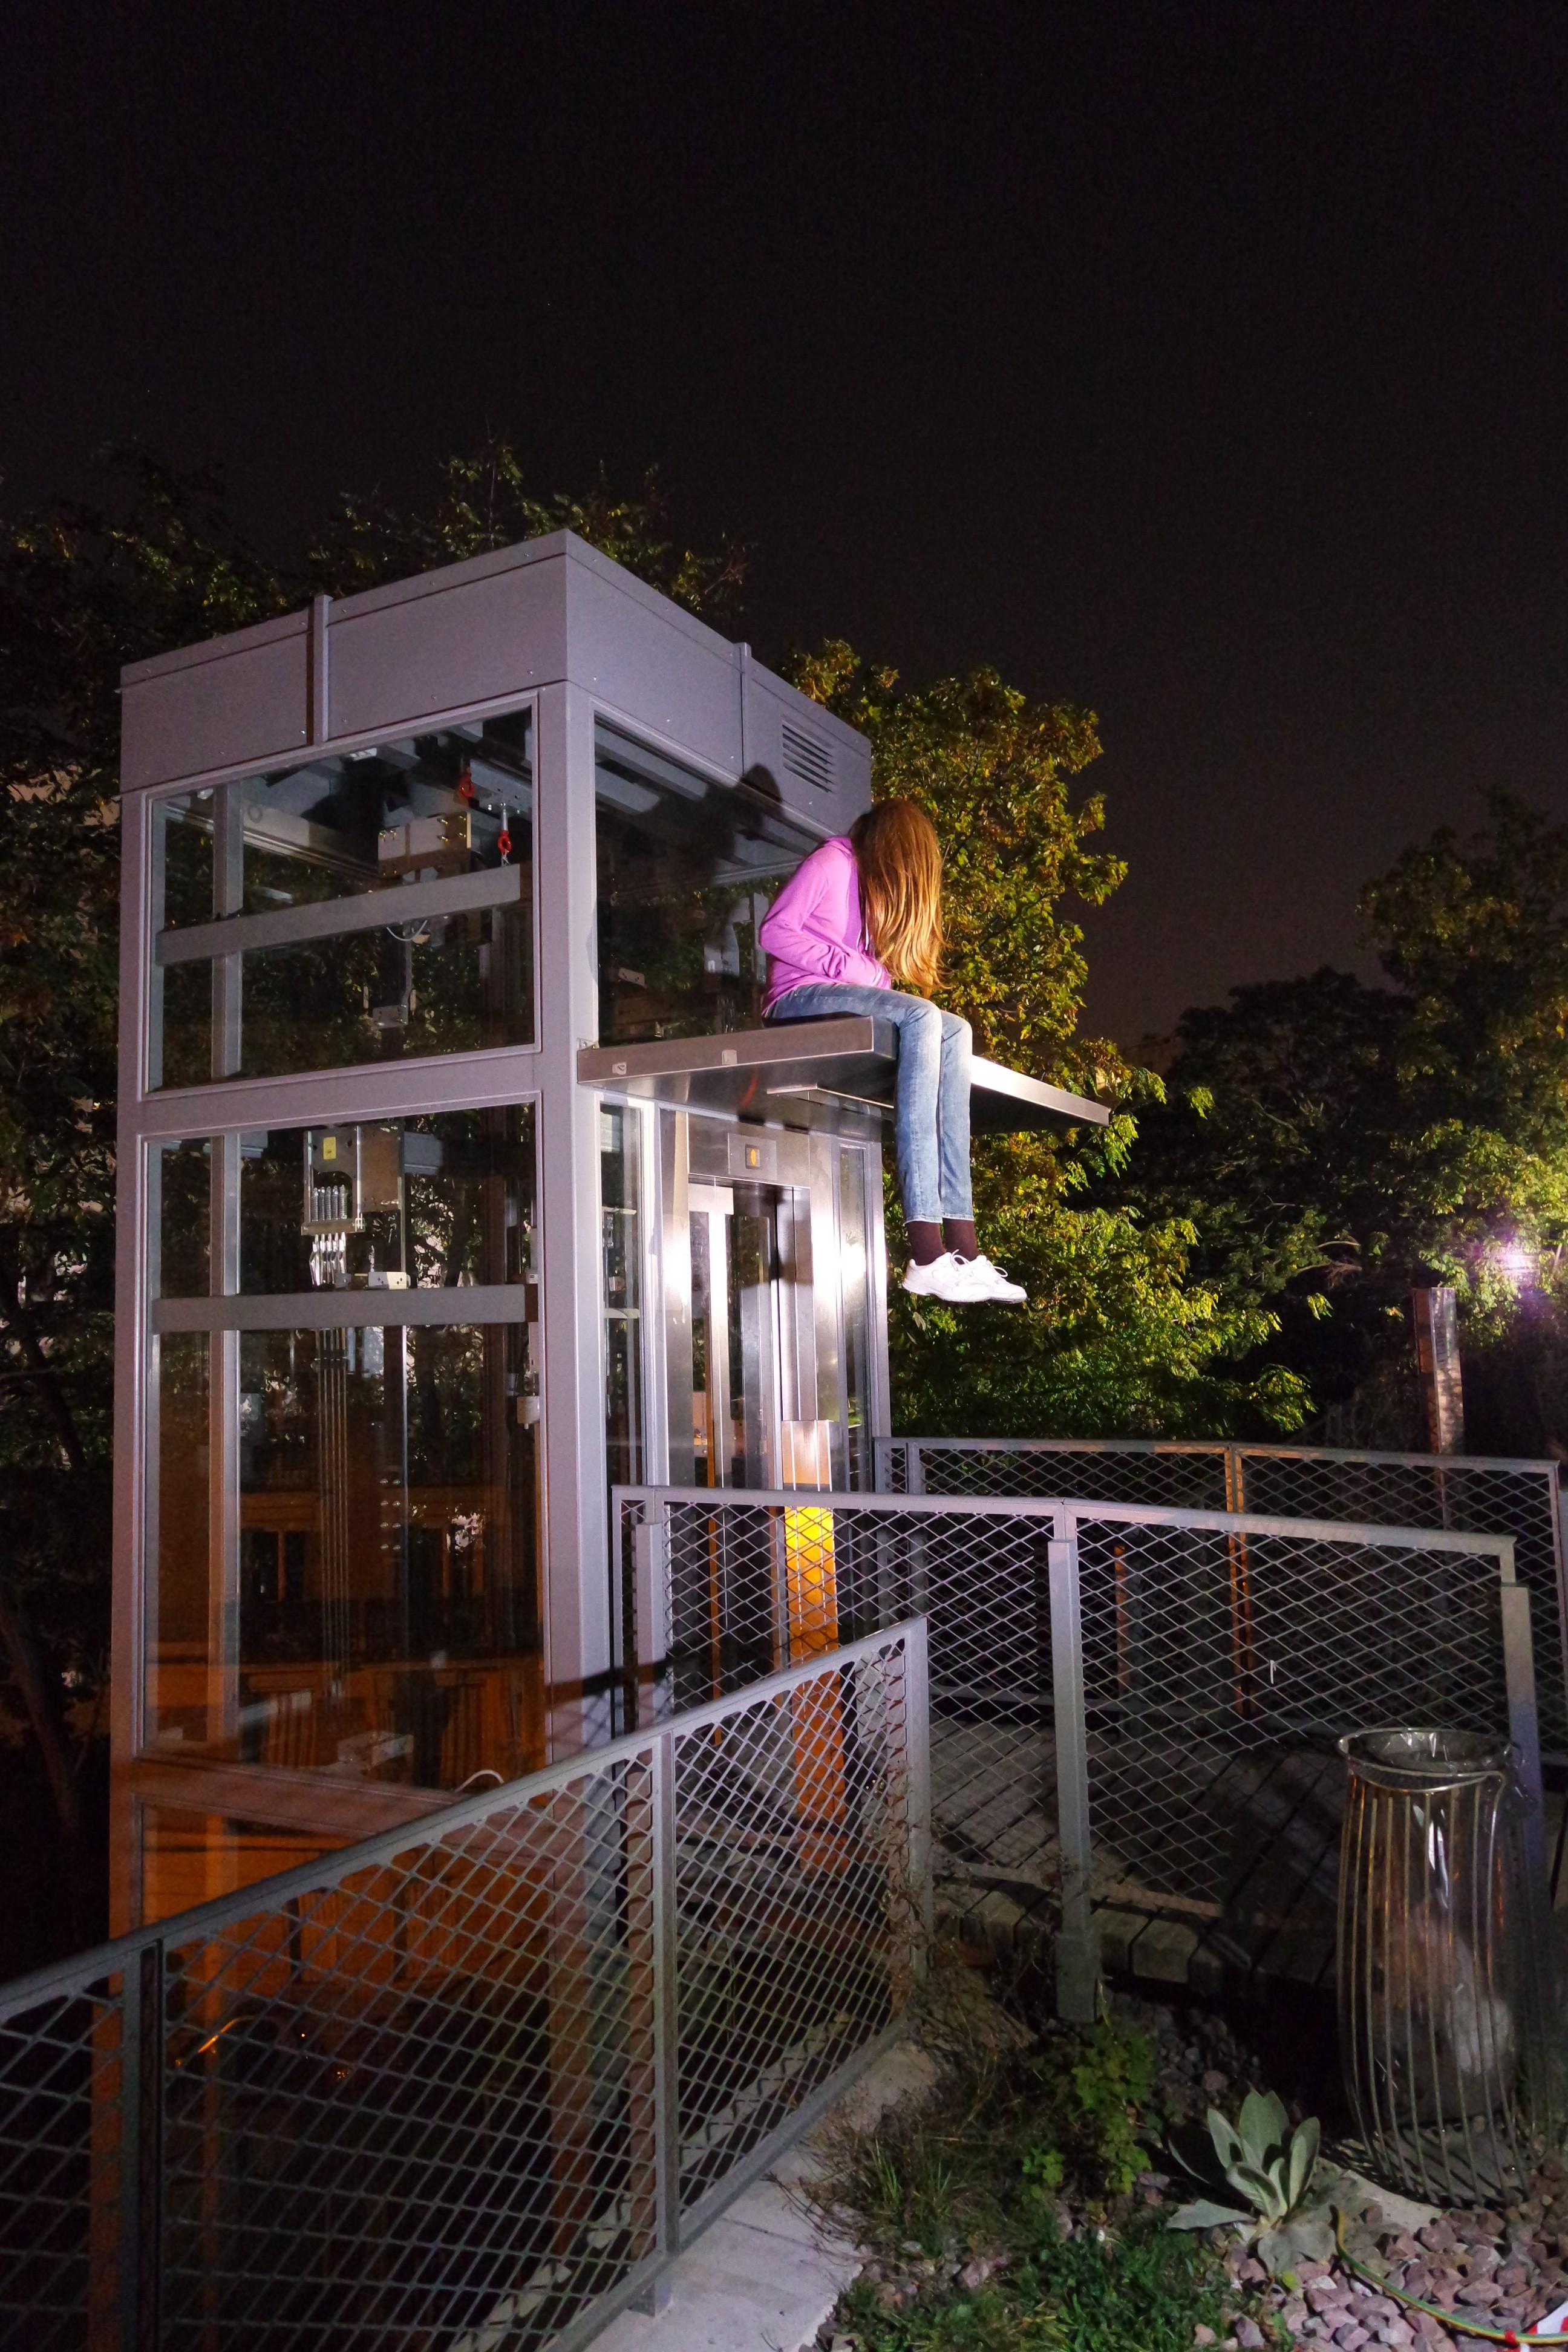 Installation-les-Vraissemblances-by-Mark-Jenkins-americain-street-art-Petite-Ceinture-15e-Nuit-Blanche-2014-Paris-blog-United-States-of-paris